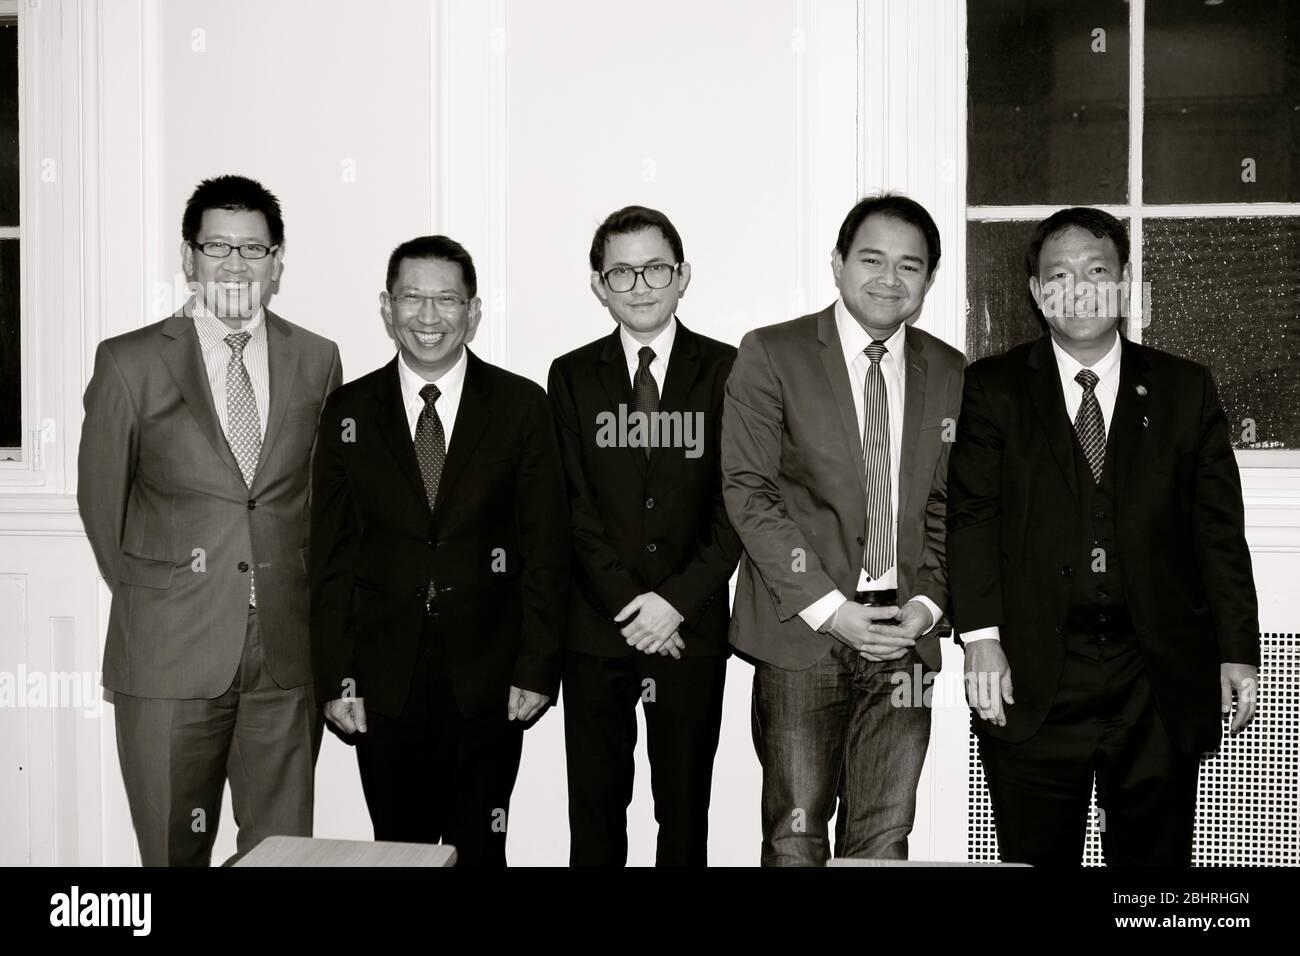 En novembre 2012 . Son Excellence Mme Yingluck Shinawatra , Premier Ministre du Royaume de Thaïlande , a effectué une visite officielle à la Kigdom Unie. Invité par le PM David Cameron . le PM thaïlandais était accompagné de membres clés du Cabinet thaïlandais . Le 13 novembre, le PM thaïlandais avait un public avec la Reine . Le 14 novembre, les deux PM ont échangé des vues sur diverses questions d'intérêt mutuel , bilatéralement, régionales et mondiales. À la fin de cette réunion , les deux dirigeants ont convenu de l'établissement d'un dialogue stratégique et ont convenu d'un nouveau mécanisme bénéfique pour les deux pays .. Banque D'Images